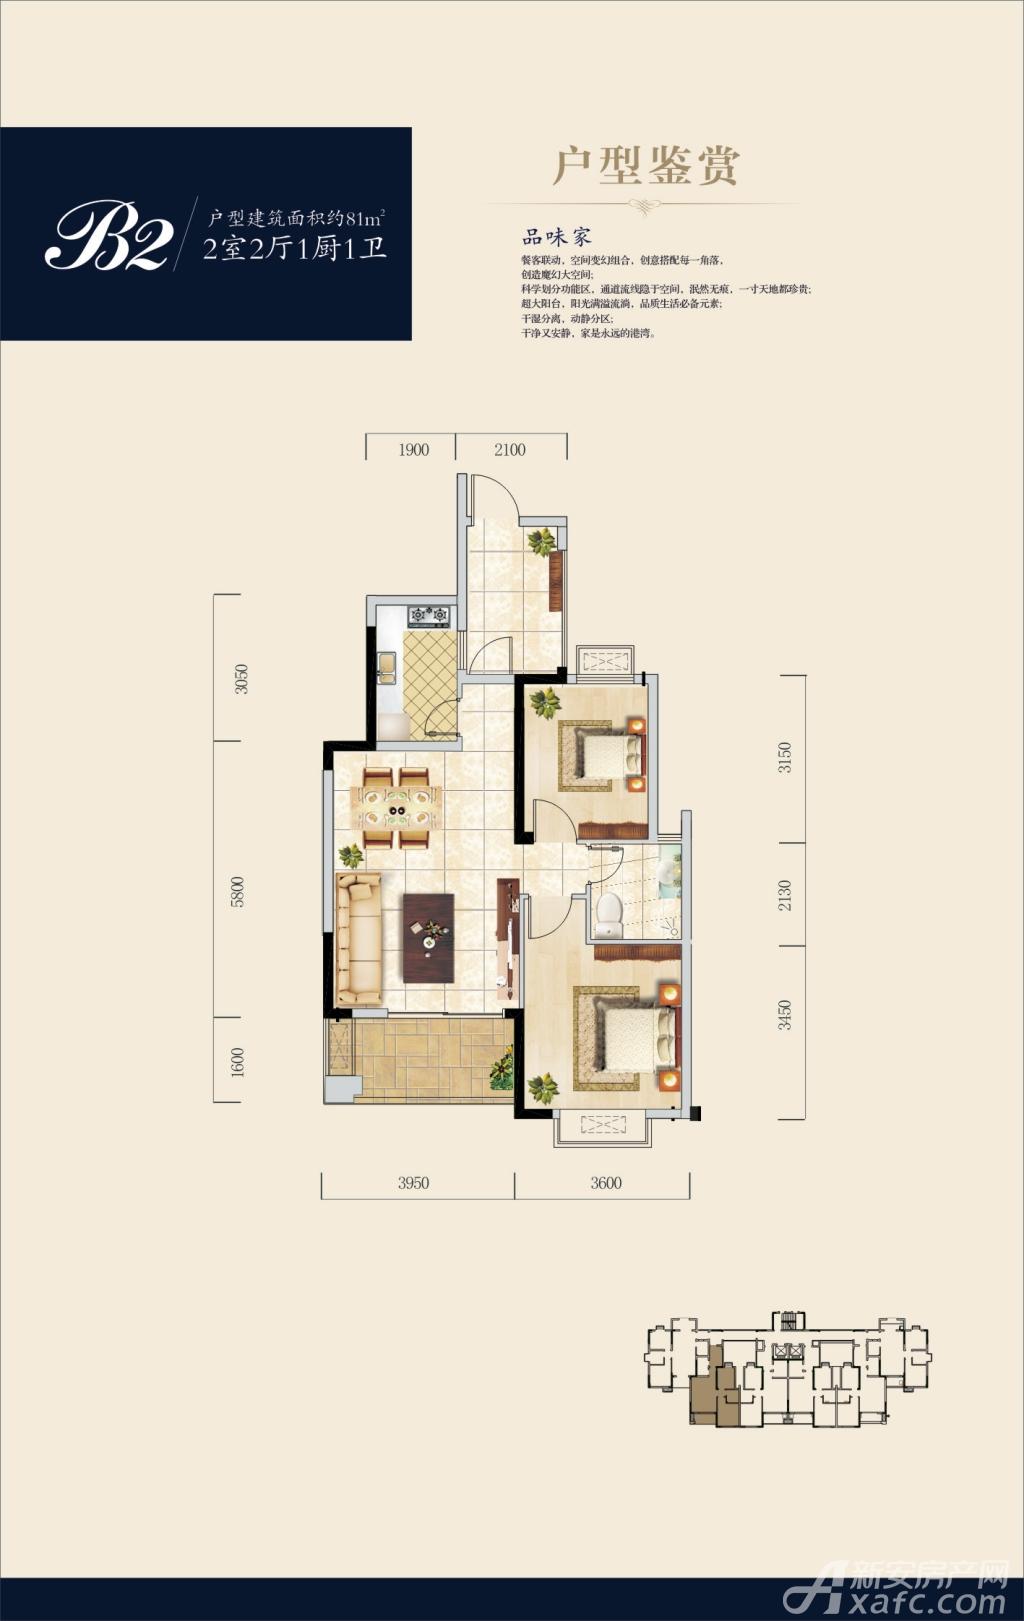 银河湾银河湾B2户型图2室2厅81平米